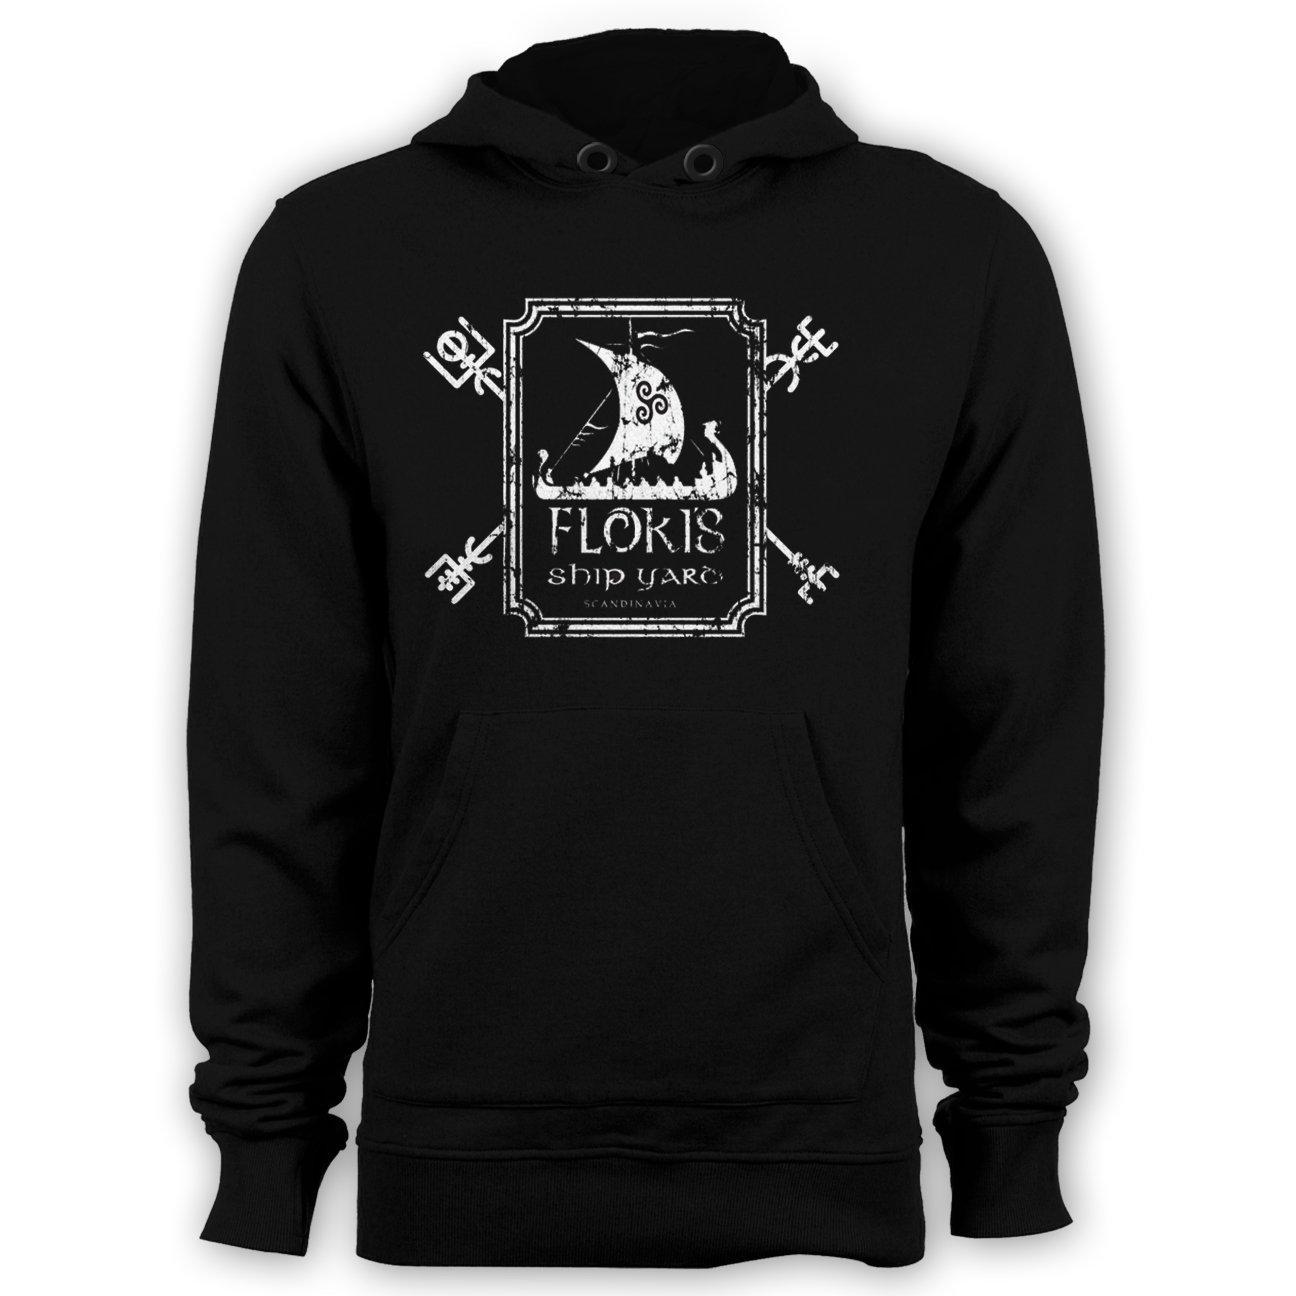 Floki Shipyard Hoodie